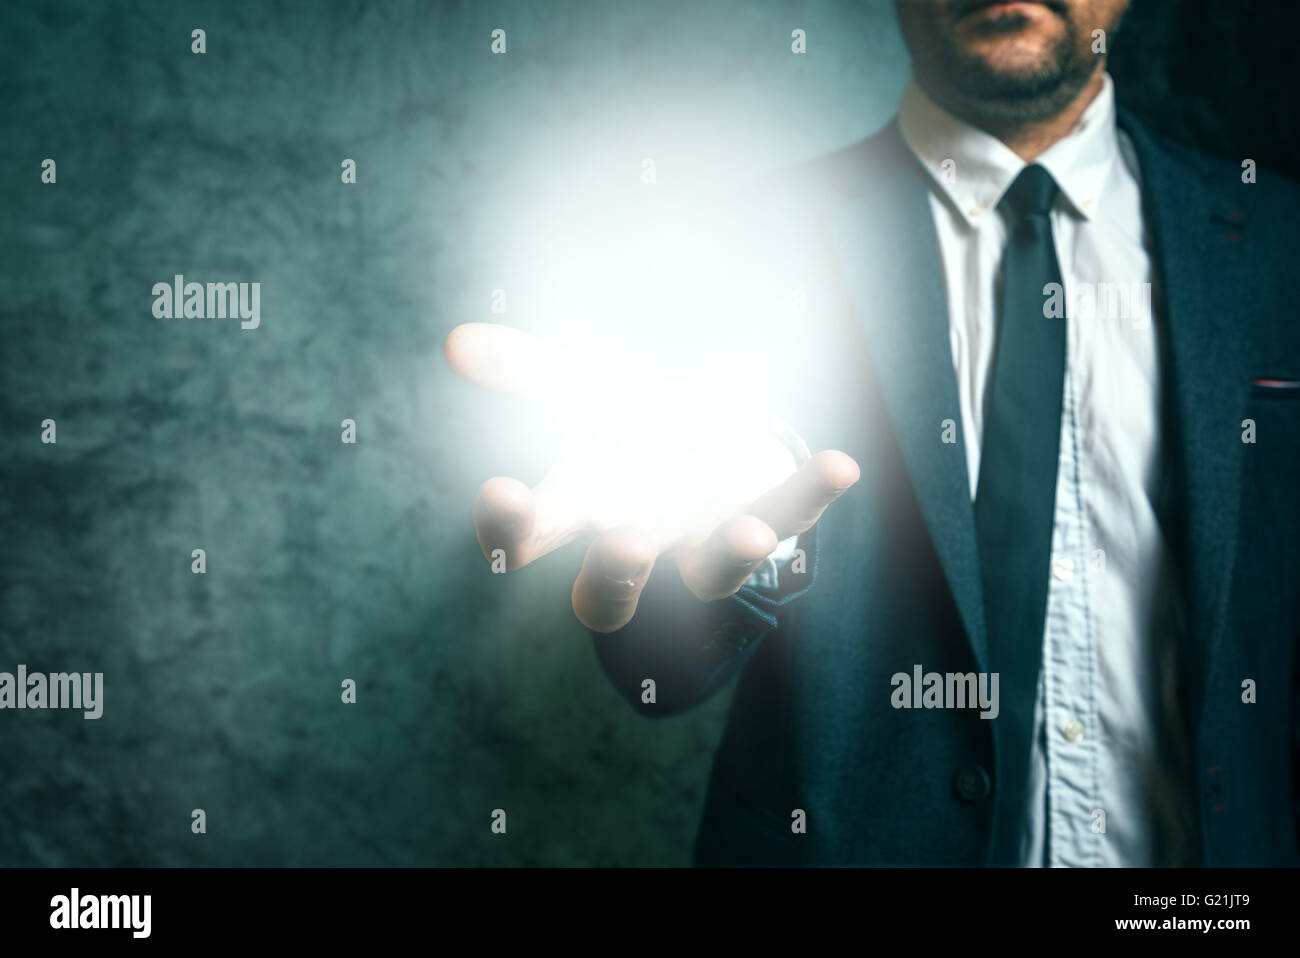 La visione aziendale concetto con elegante imprenditore adulti azienda brillante luce di nuove idee in mano Immagini Stock